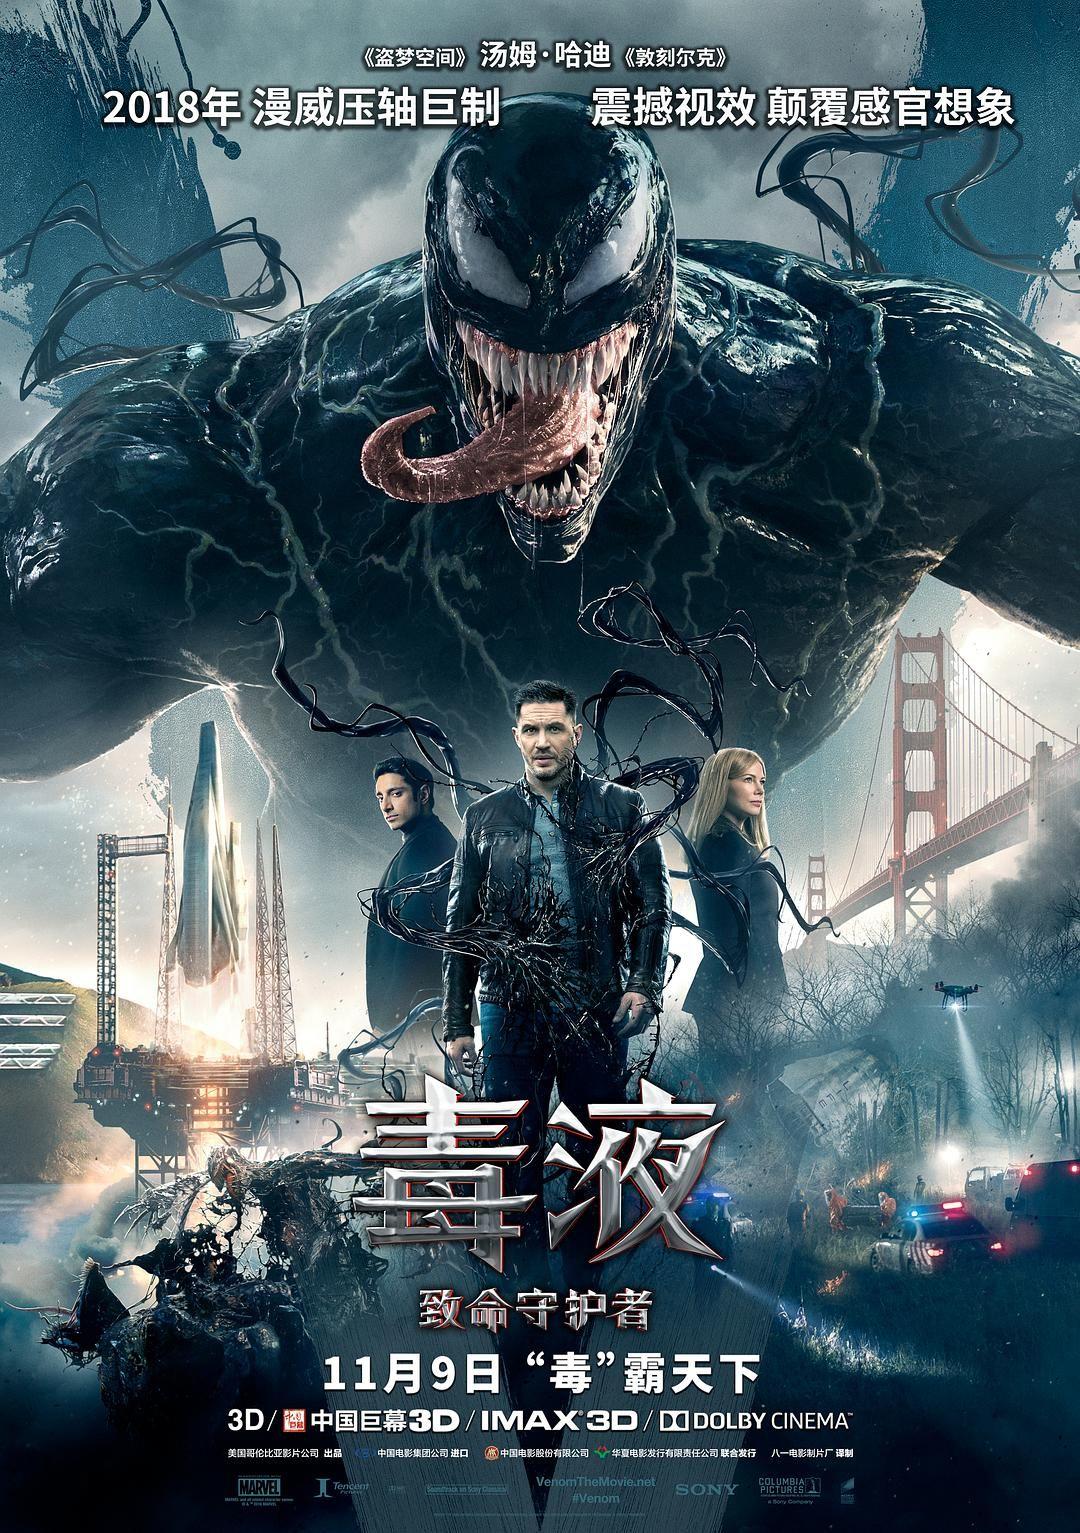 2018年科幻动作《毒液:致命守护者》HD中英双字幕